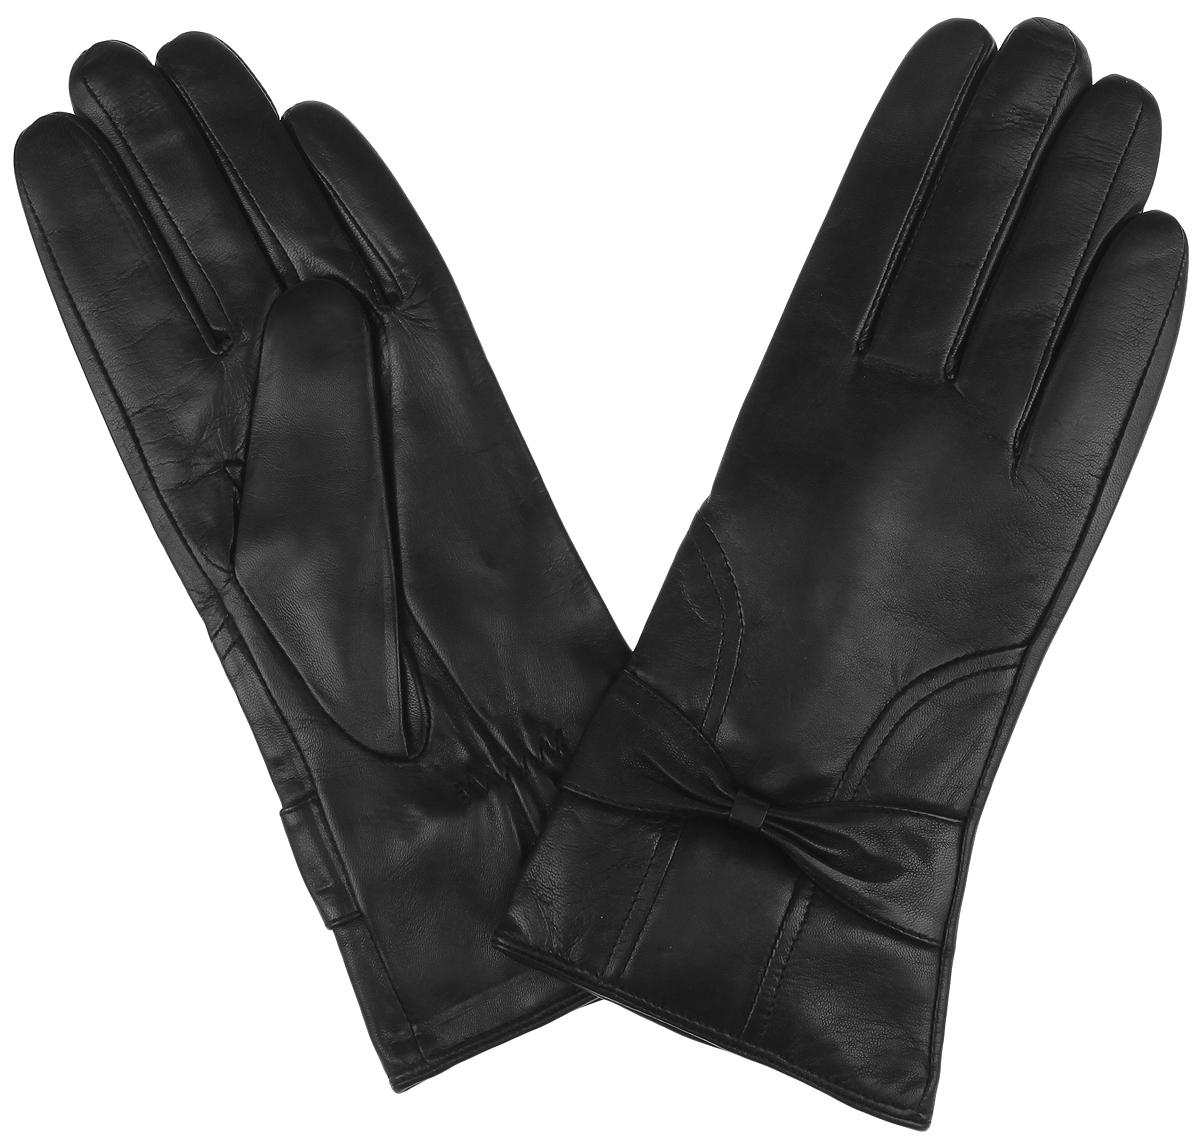 9.12-1 blackСтильные женские перчатки Fabretti станут достойным элементом вашего стиля и сохранят тепло ваших рук. Перчатки выполнены из чрезвычайно мягкой эфиопской перчаточной кожи ягненка, а их подкладка - из шерсти с добавлением кашемира. С лицевой стороны манжеты оформлены прострочкой и декоративными бантиками. Тыльная сторона оснащена резинкой для оптимальной посадки модели на руке. Создайте элегантный образ и подчеркните свою яркую индивидуальность новым аксессуаром!